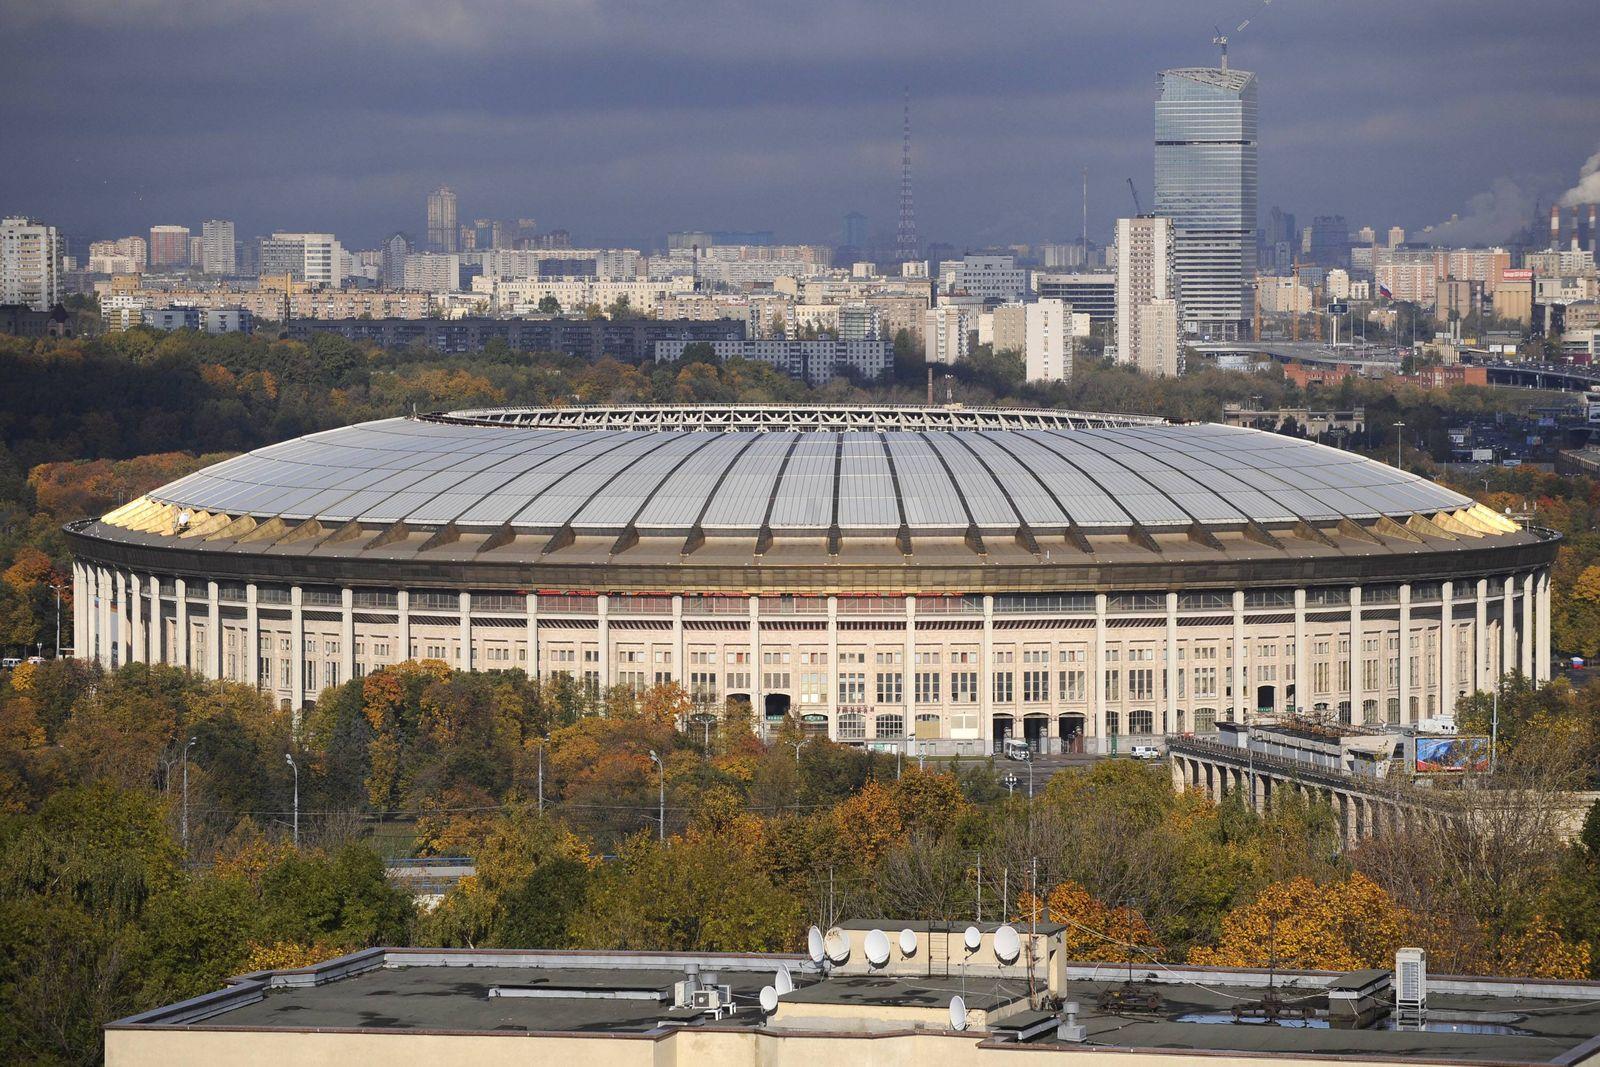 NICHT VERWENDEN luschniki stadion